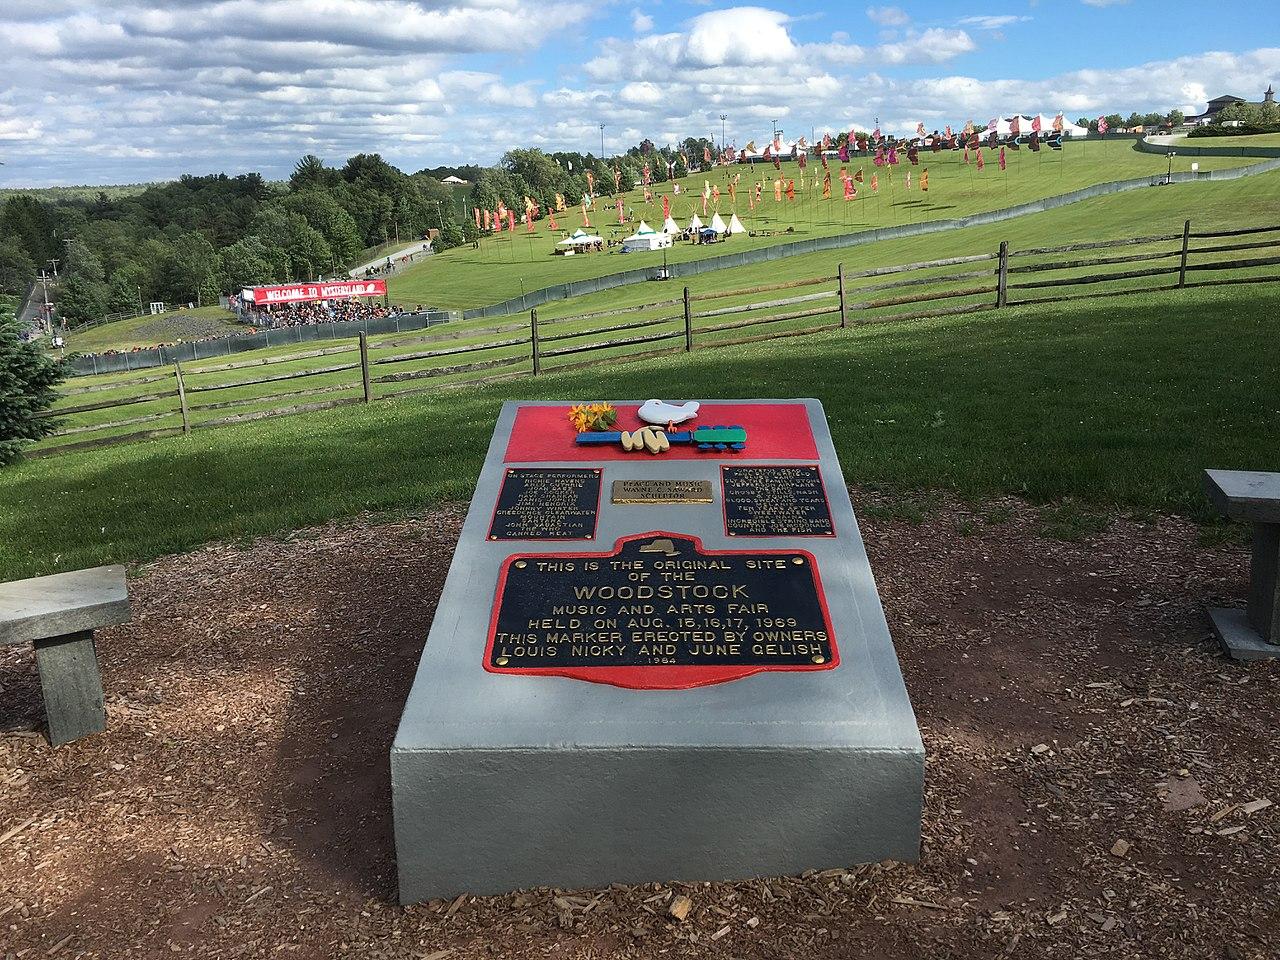 Památní kámen na místě konání festivalu Woodstock v newyorském Bethelu (Foto: Marc Holstein)